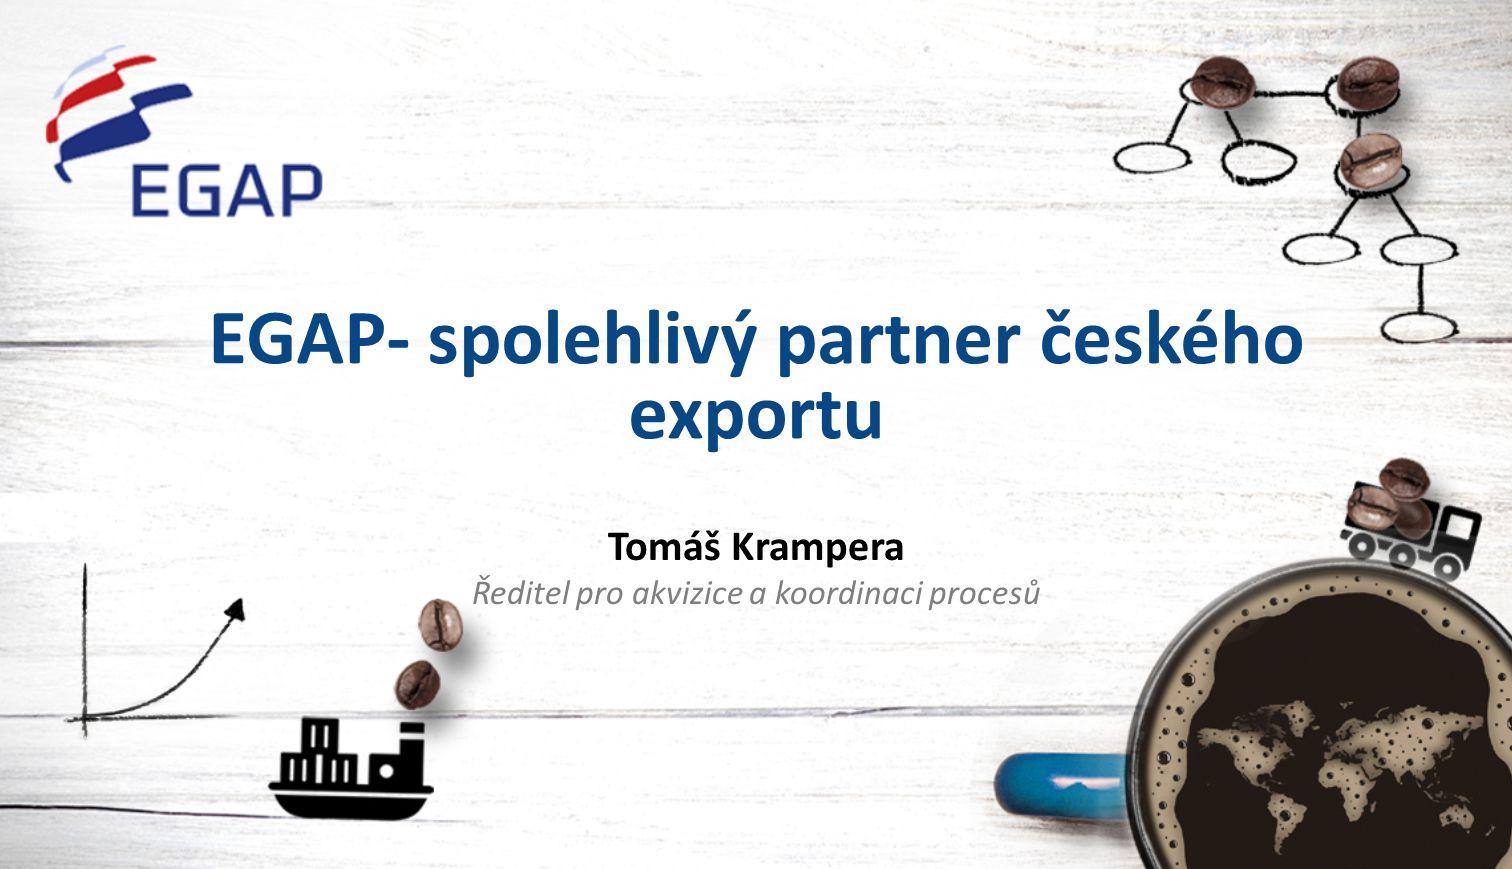 EGAP- spolehlivý partner českého exportu Tomáš Krampera Ředitel pro akvizice a koordinaci procesů